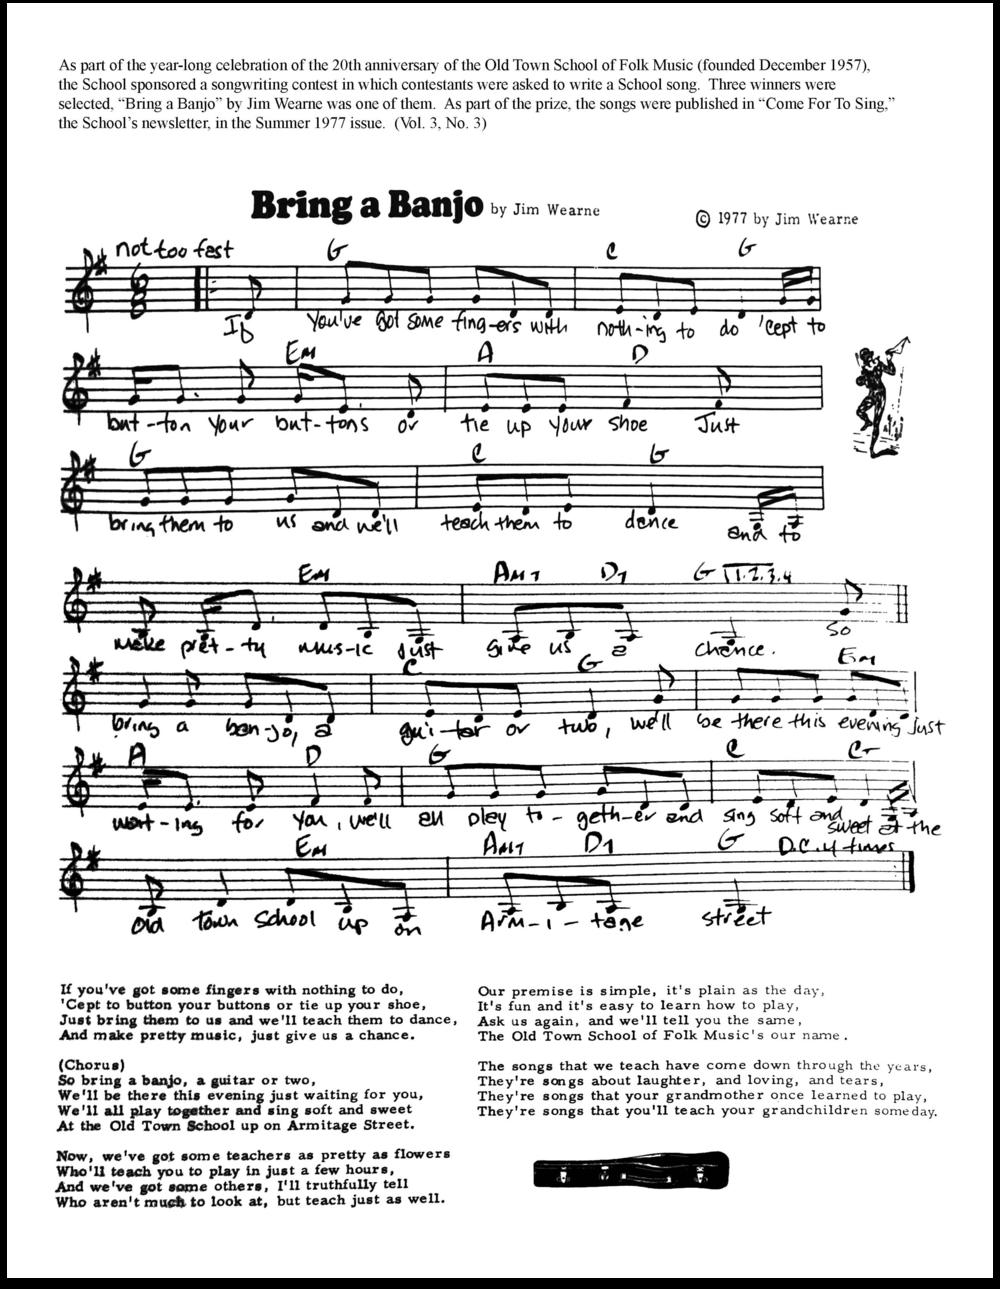 """Sheet music of """"Bring a Banjo"""" by Jim Wearne in 1977."""